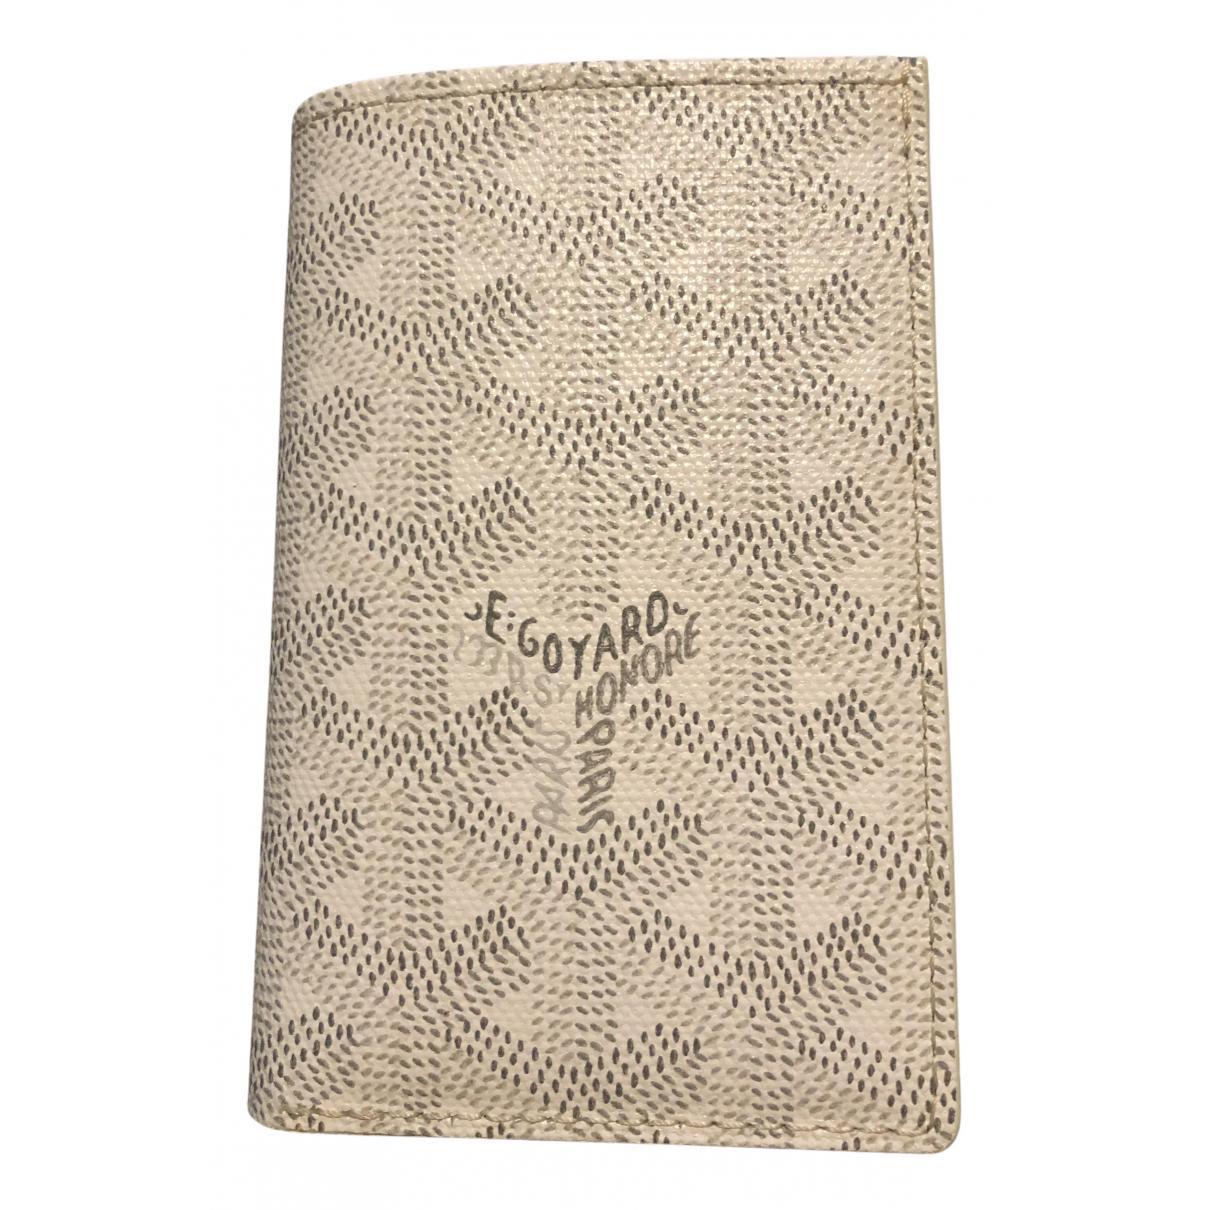 Goyard - Petite maroquinerie   pour femme en toile - blanc